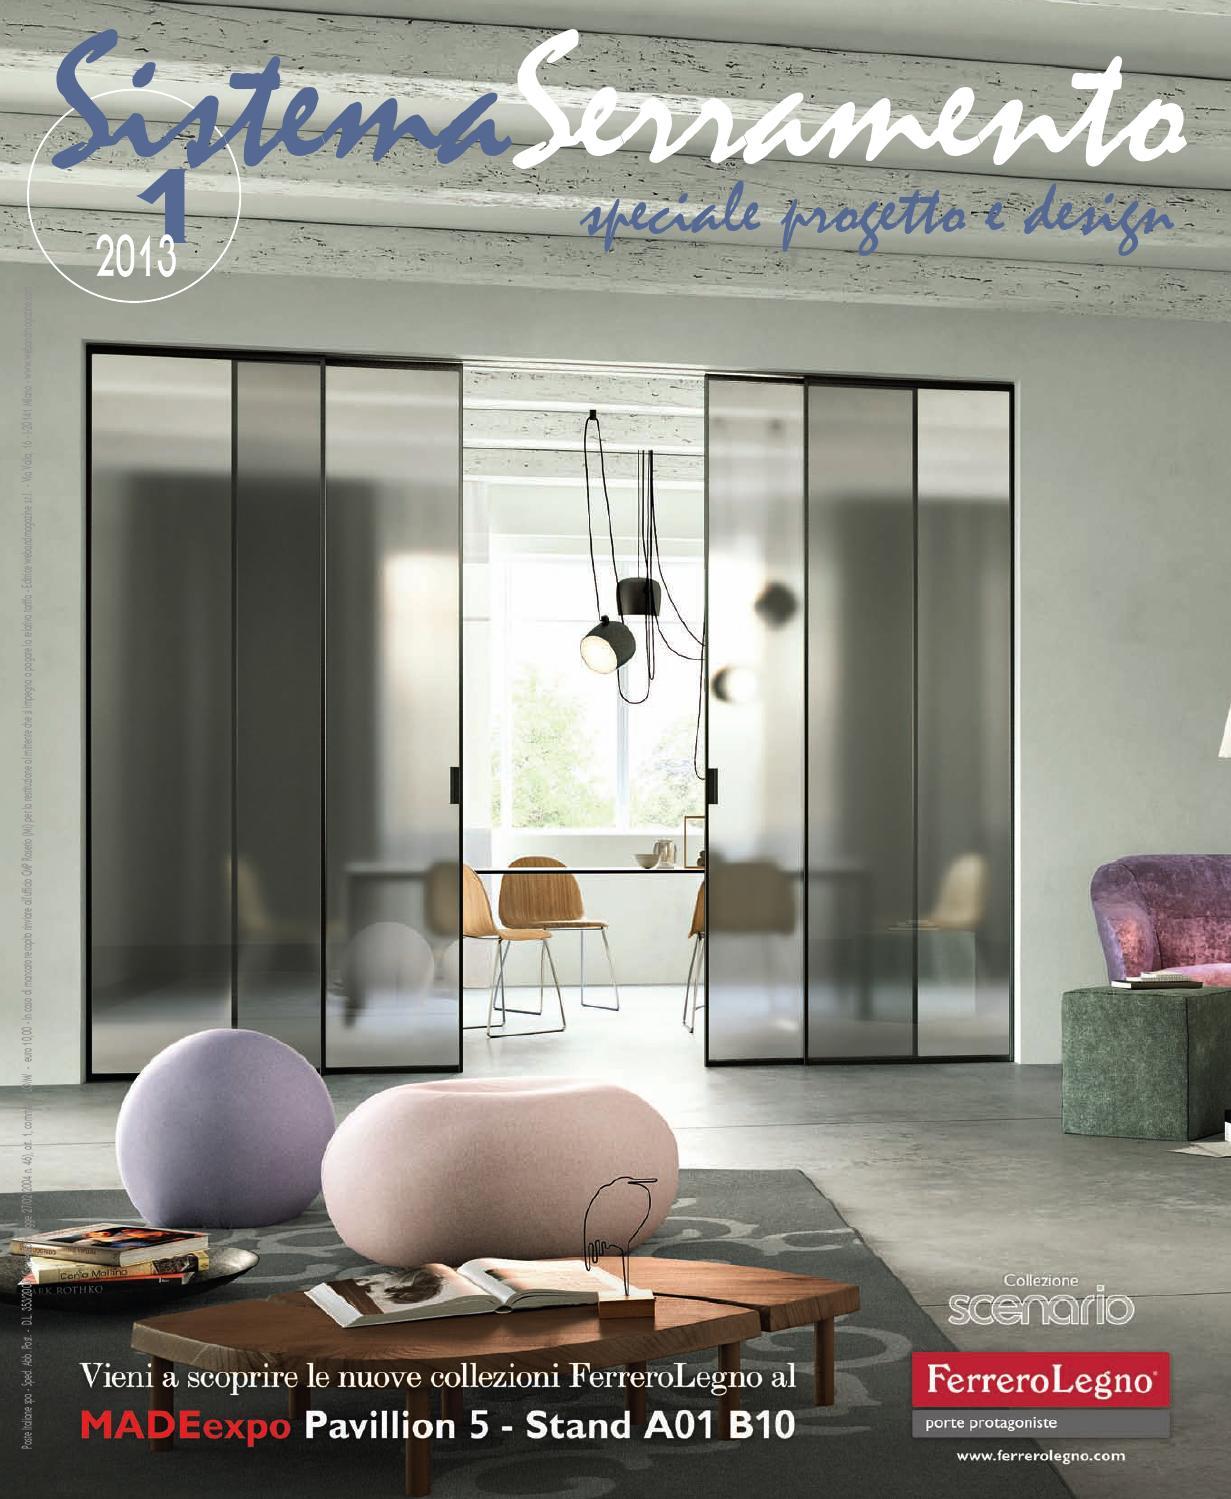 Infissi Legno Alluminio Albertini 001 sistemaserramento by web and magazine s.r.l. - issuu